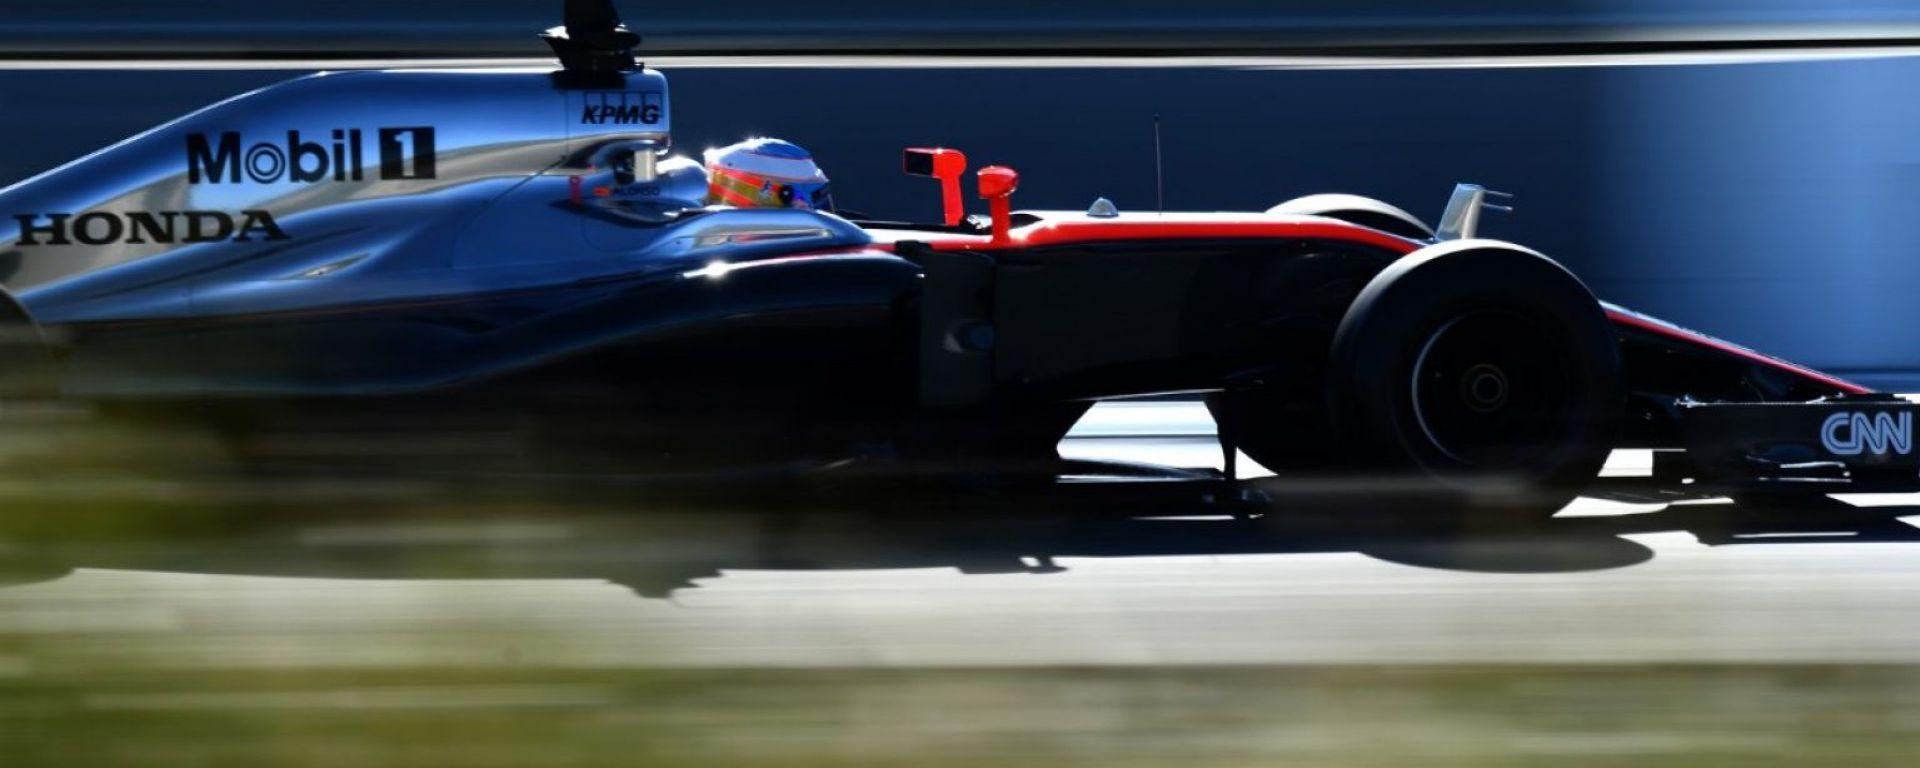 F1 2016: McLaren e Force India 2.0 in occasione del GP di Catalogna